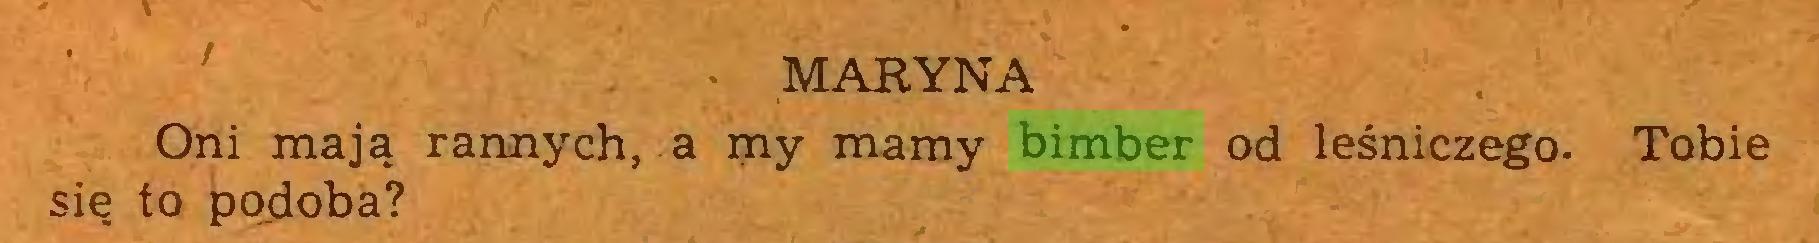 (...) • MARYNA Oni mają rannych, a my mamy bimber od leśniczego. Tobie się to podoba?...